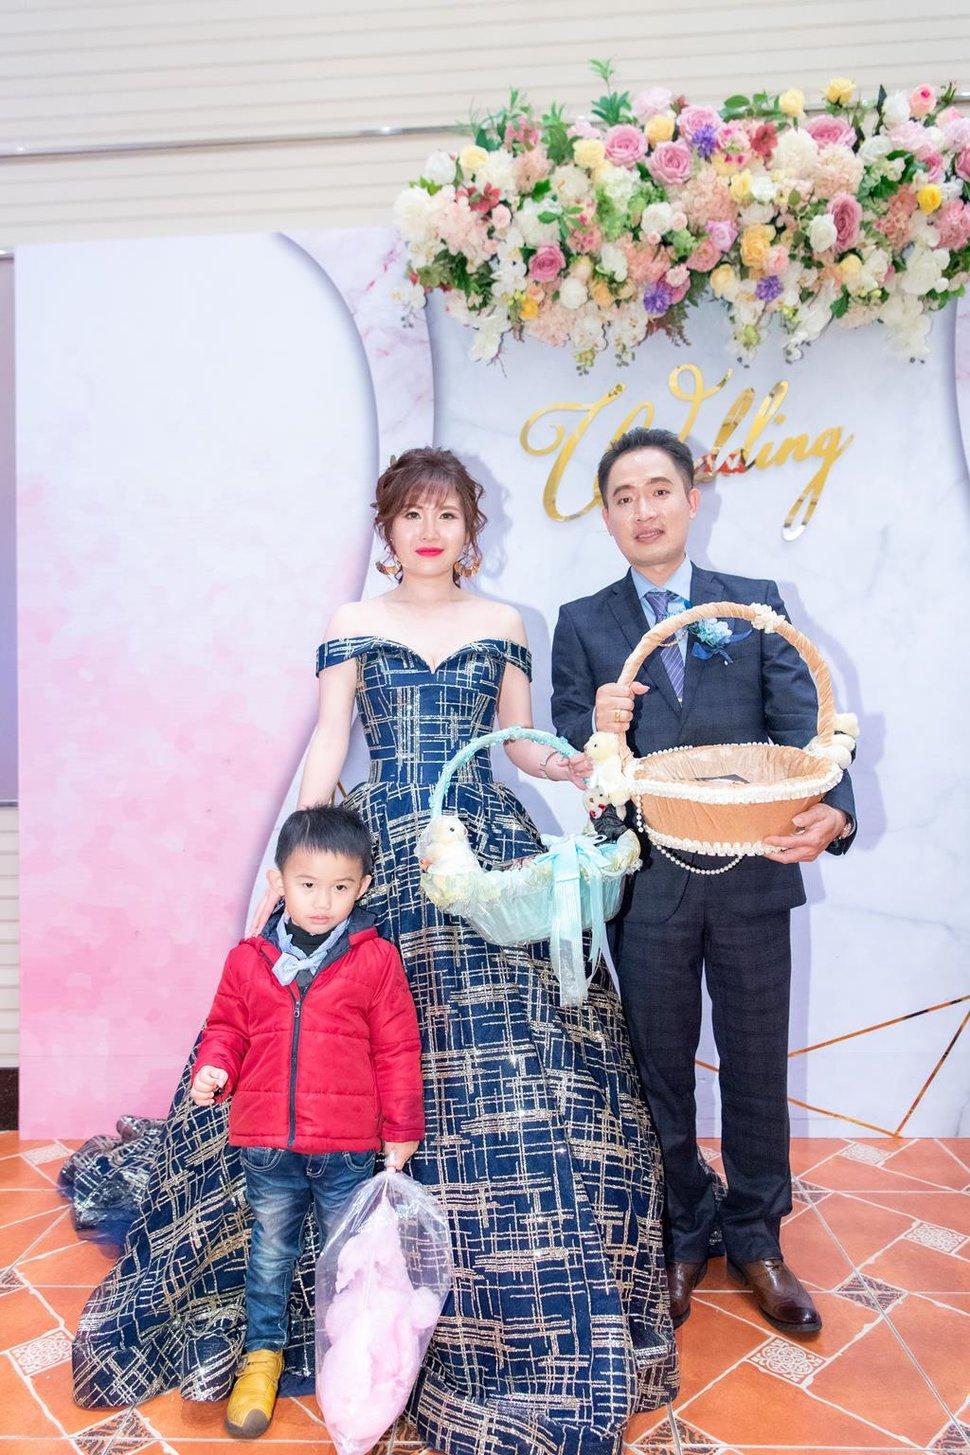 書孟&逸琳婚禮紀實-601 - Mr. Happiness 幸福先生 - 結婚吧